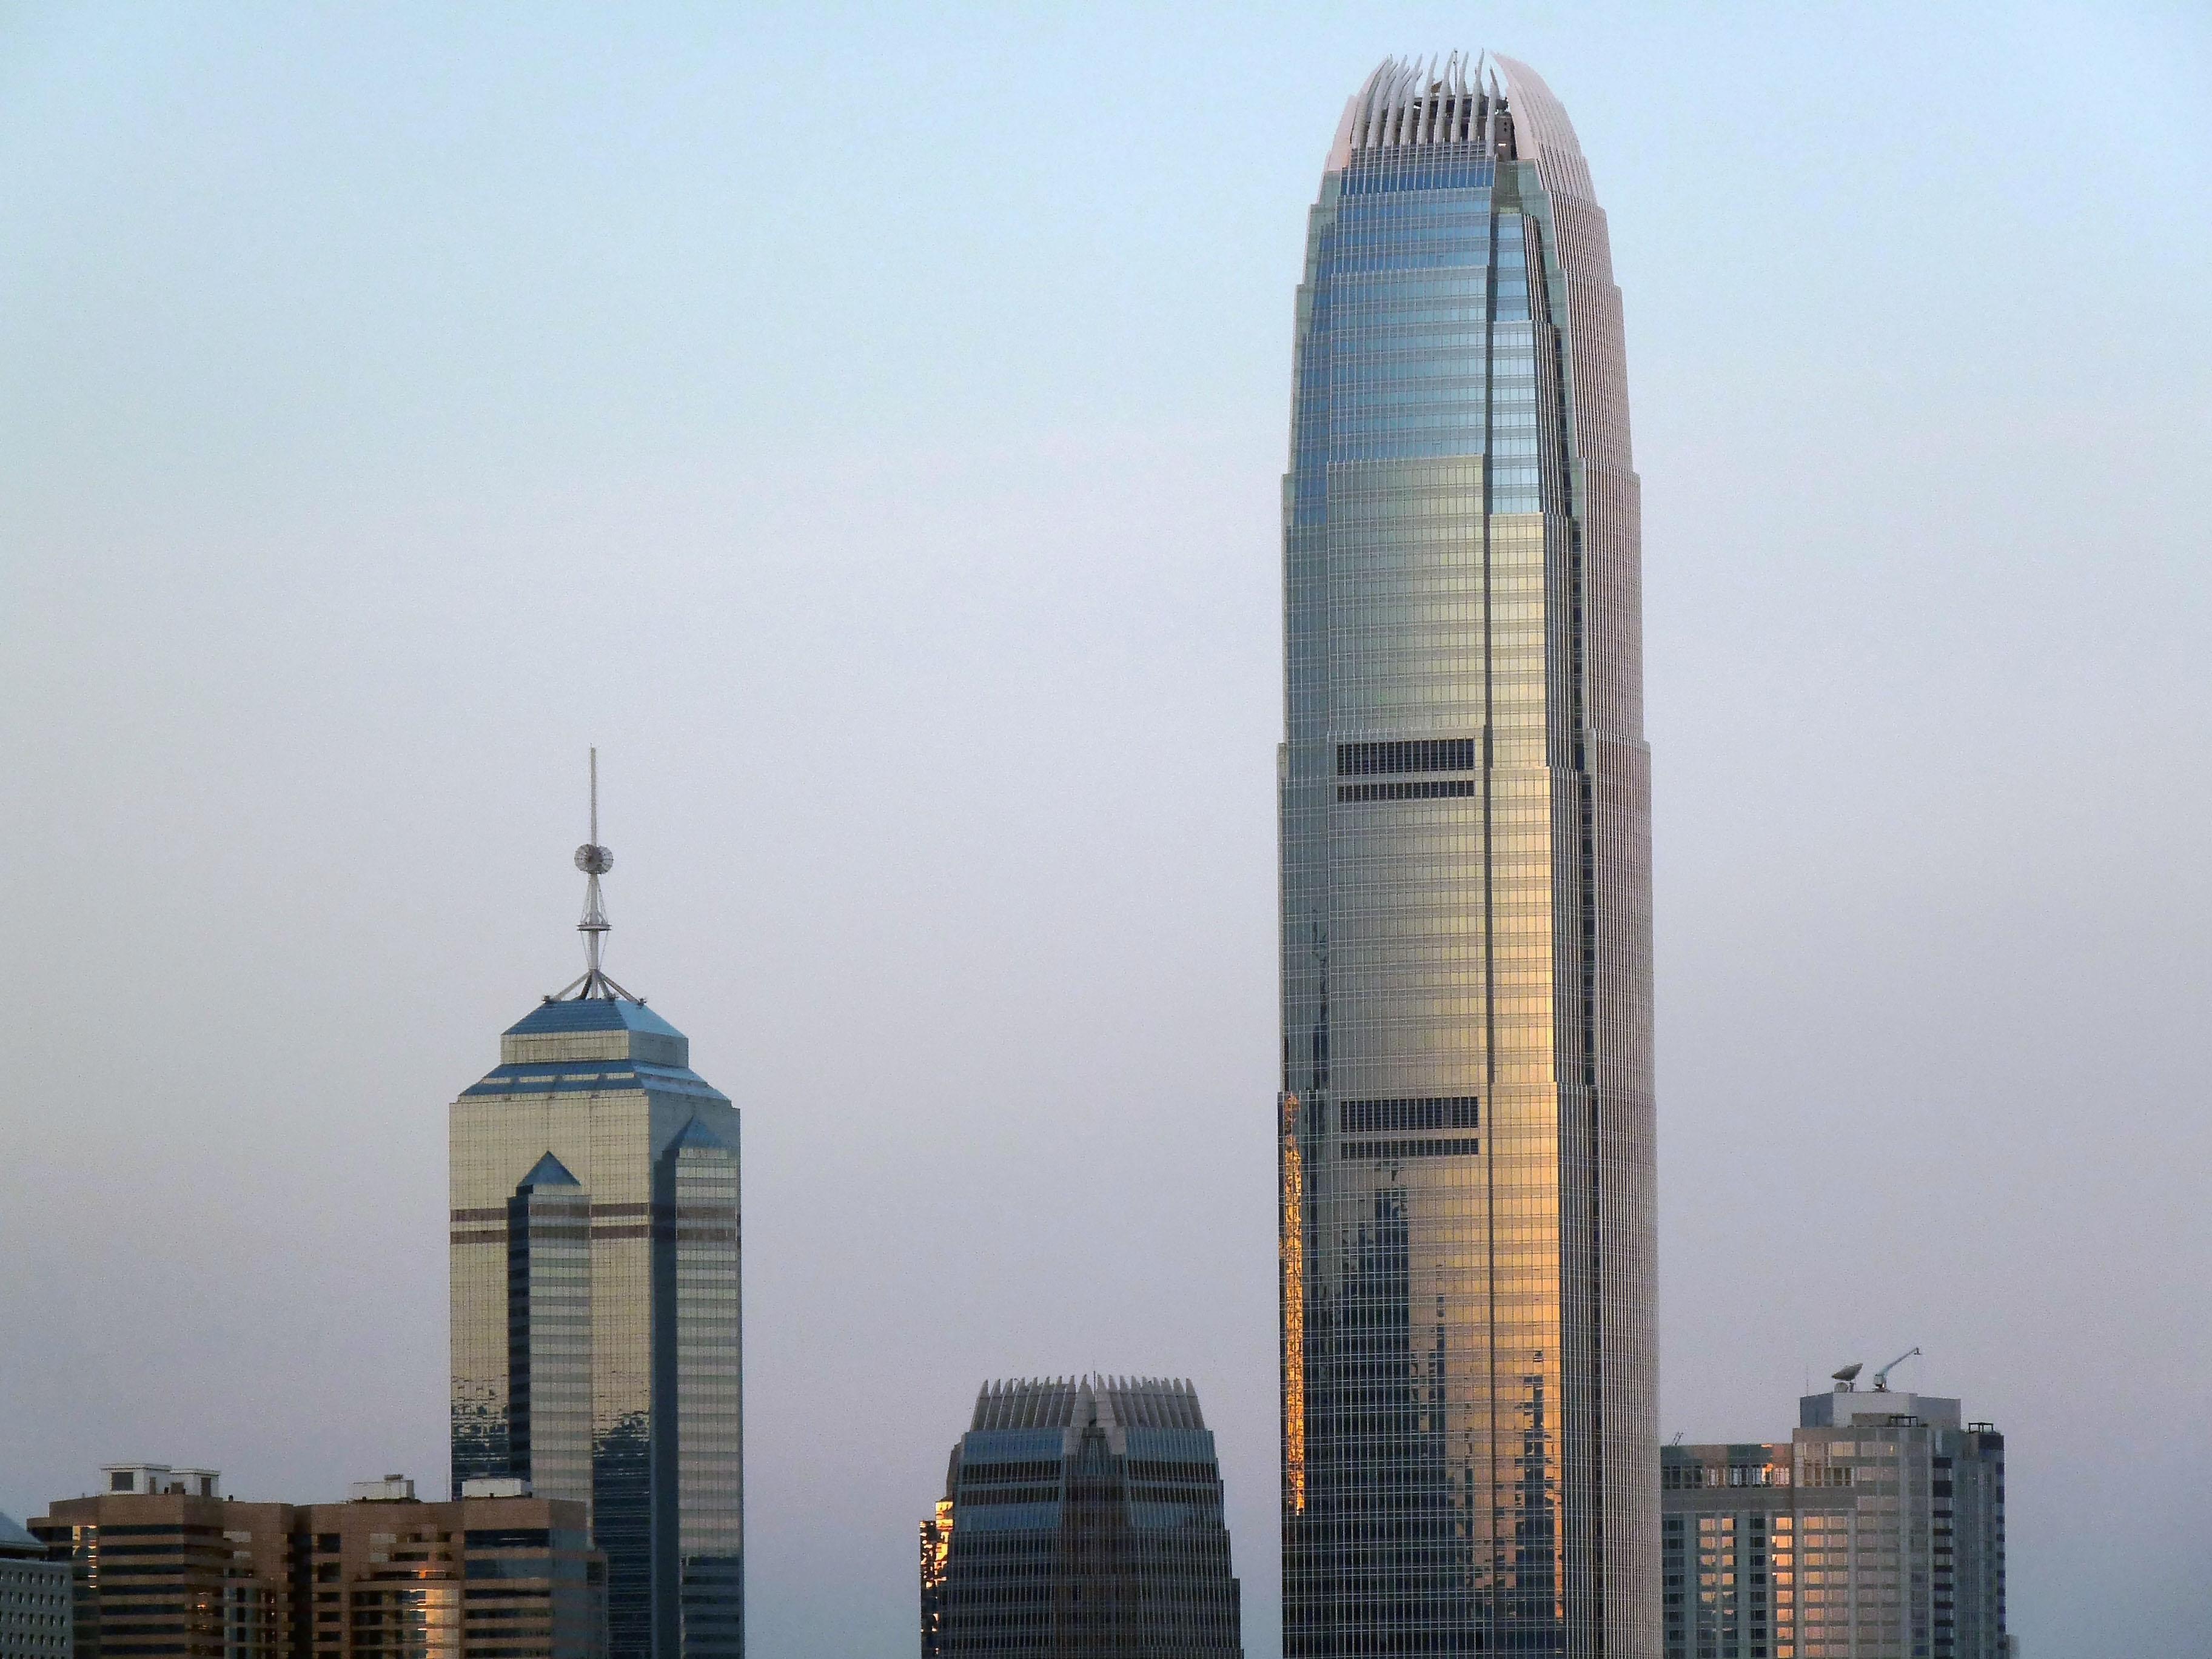 The Ifc Hong Kong International Financial Center